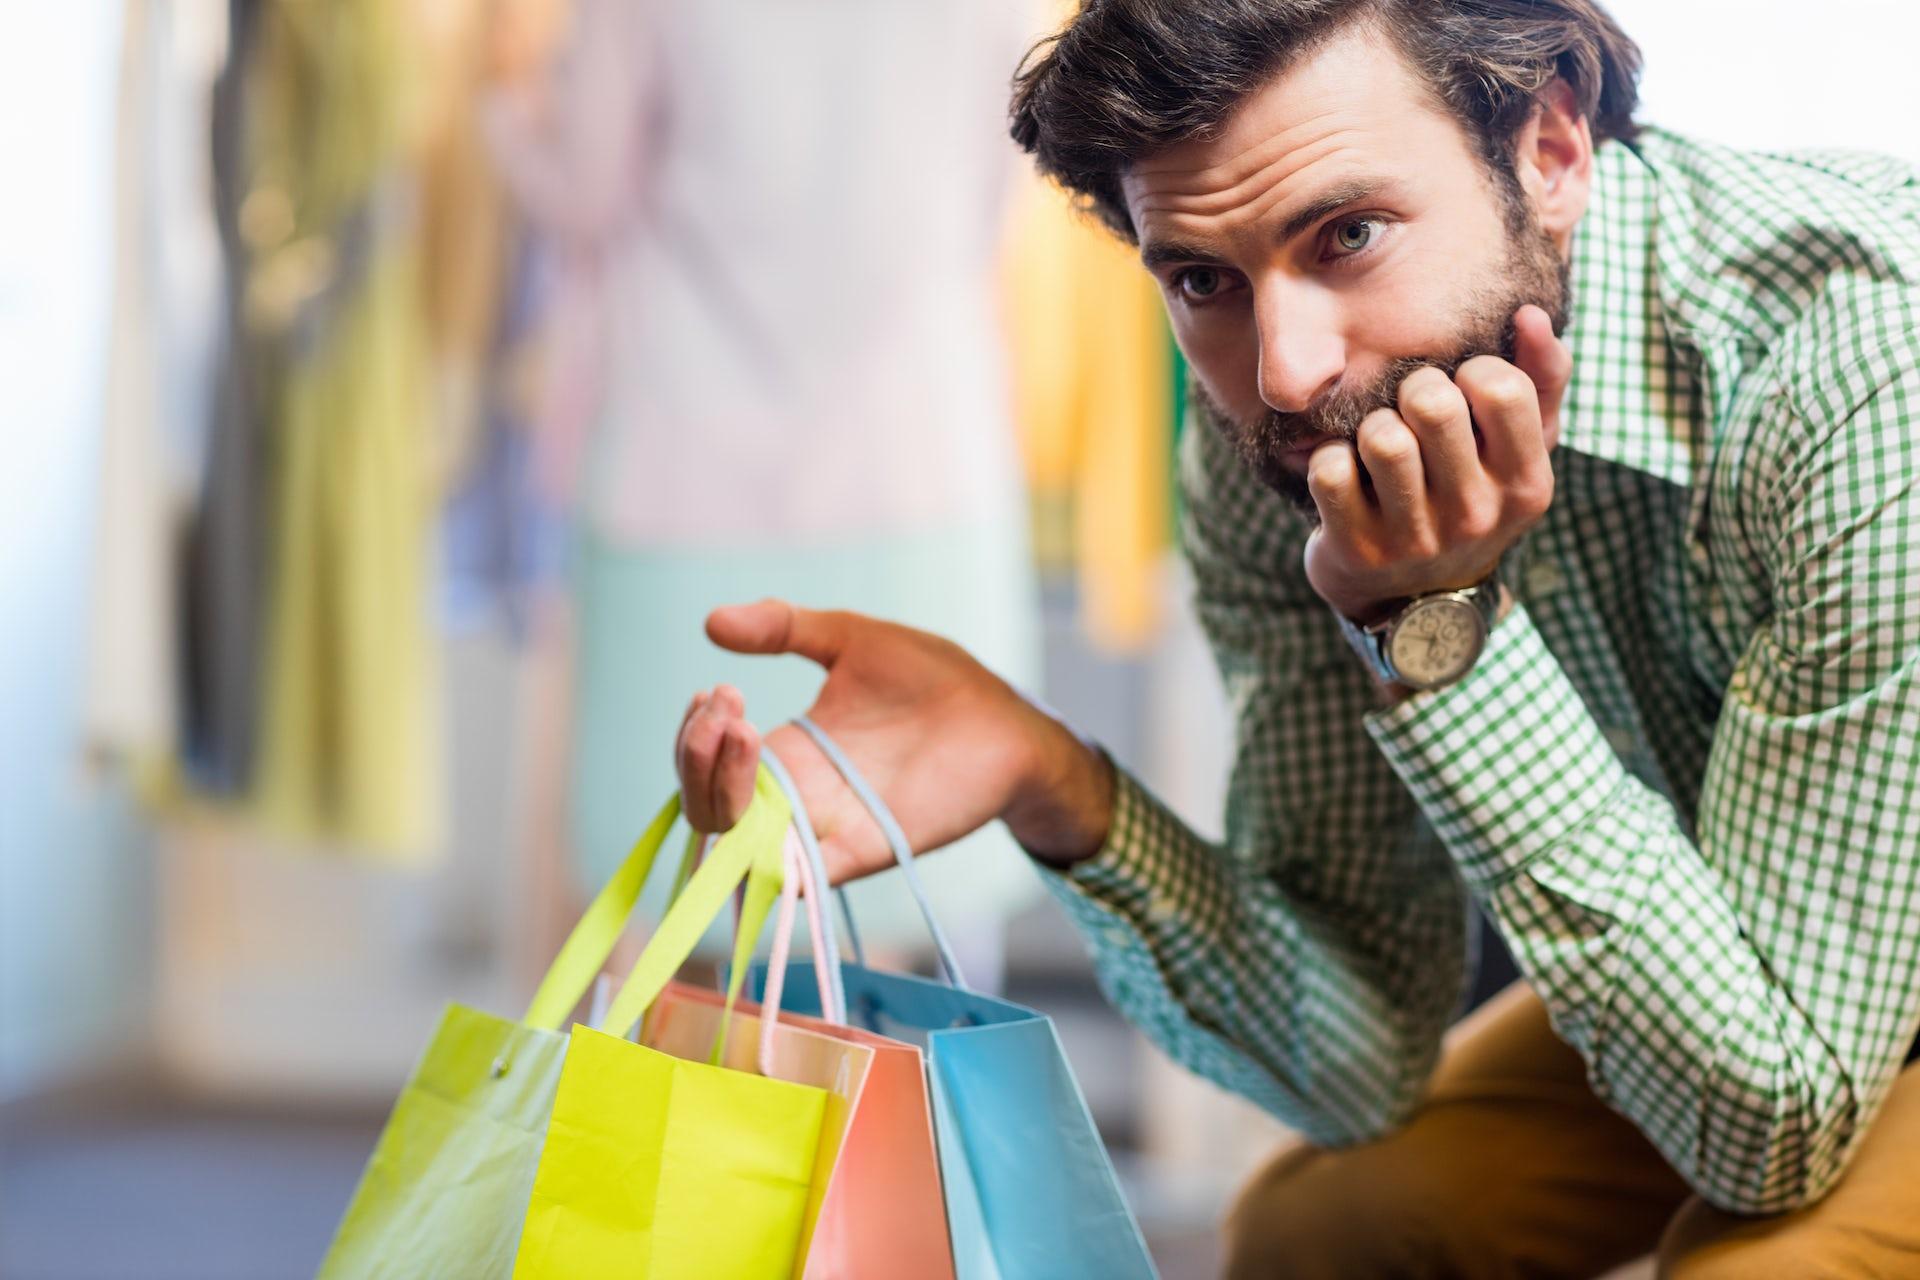 3 Ways to Avoid Overspending Online